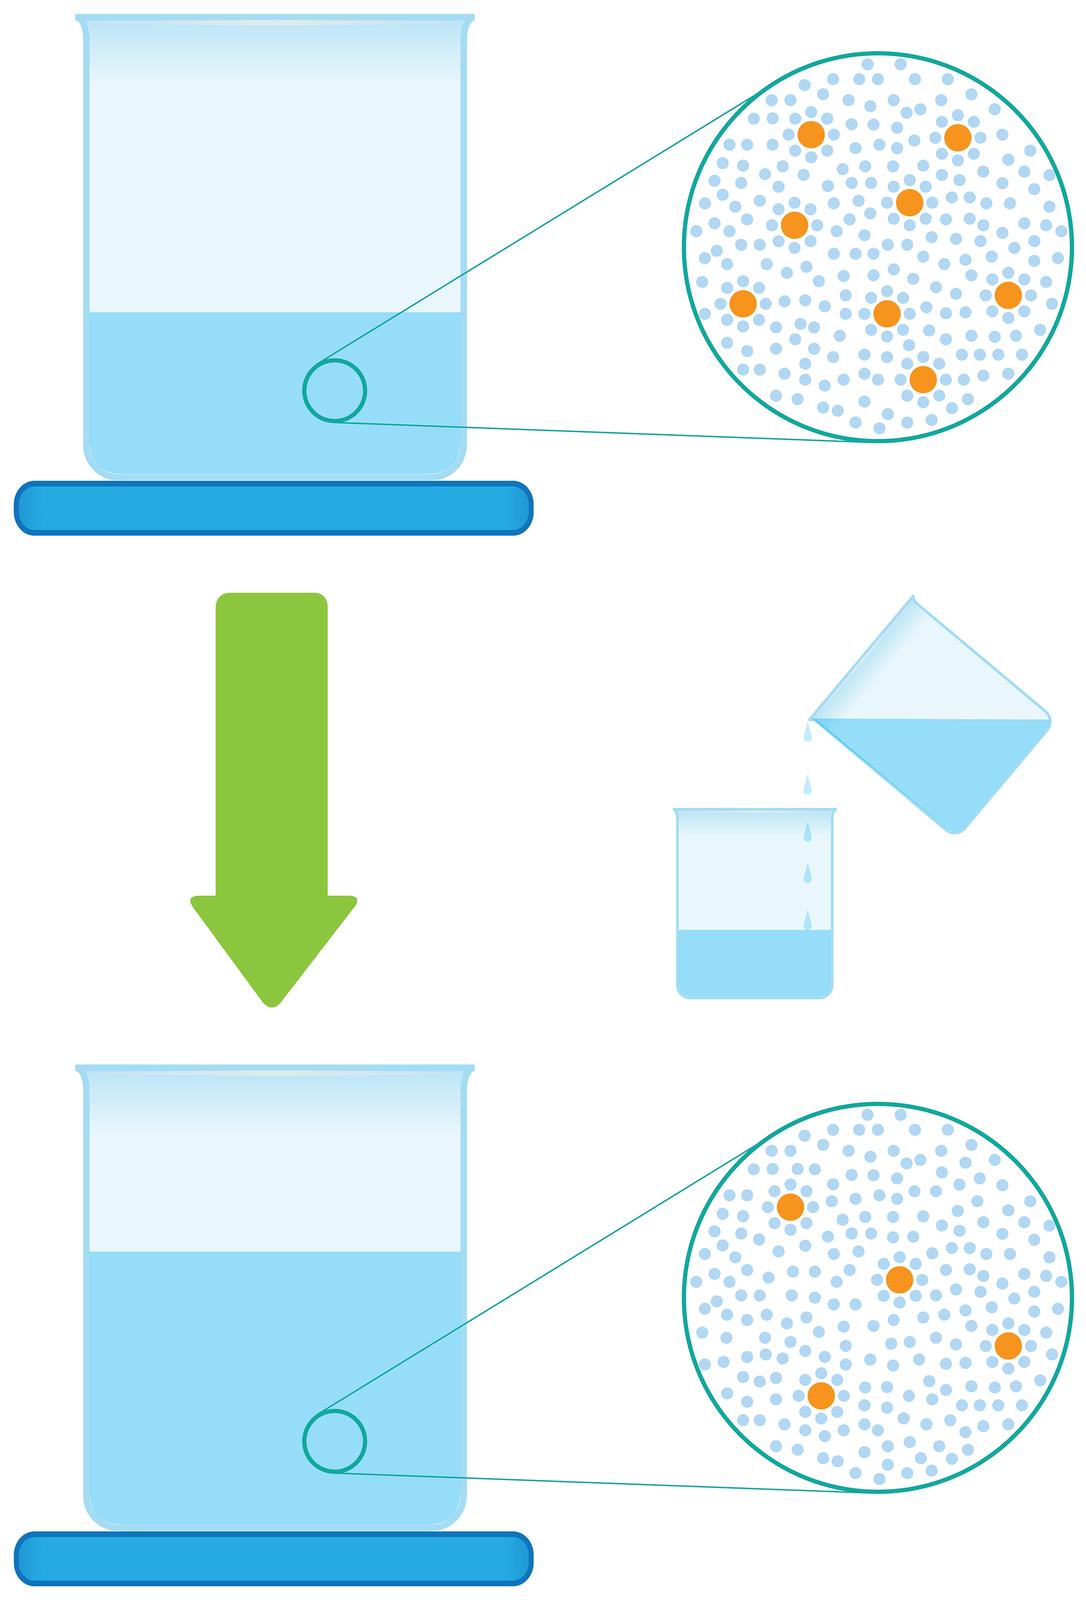 Ilustracja przedstawia proces rozcieńczania roztworu. Składa się zdwóch rysunków umieszczonych jeden nad drugim. Na rysunku górnym stojąca na niebieskiej podkładce zlewka napełniona jest wjednej trzeciej roztworem. Wobszarze roztworu małym kółkiem wyróżniono niewielki fragment iumieszczono po prawej stronie połączone znim dwiema liniami duże koło stylizowane na mikroskopowe powiększenie tego obszaru. Wkole widoczne są duże pomarańczowe kule symbolizujące cząstki rozpuszczonej substancji wliczbie ośmiu sztuk otoczone przez liczne małe niebieskie kulki symbolizujące cząsteczki wody. Poniżej, pośrodku ilustracji znajduje się gruba zielona strzałka skierowana wdół obok której umieszczono rysunek na którym do zlewki zroztworem dodawana jest tak samo wyglądająca ciecz zdrugiej zlewki. Poniżej, na rysunku dolnym ponownie obraz zlewki stojącej na niebieskiej podkładce ze zbliżeniem fragmentu zawartości. Tym razem zlewka napełniona jest wdwóch trzecich, ana powiększeniu cząsteczek substancji rozpuszczonej wwodzie jest dwa razy mniej.